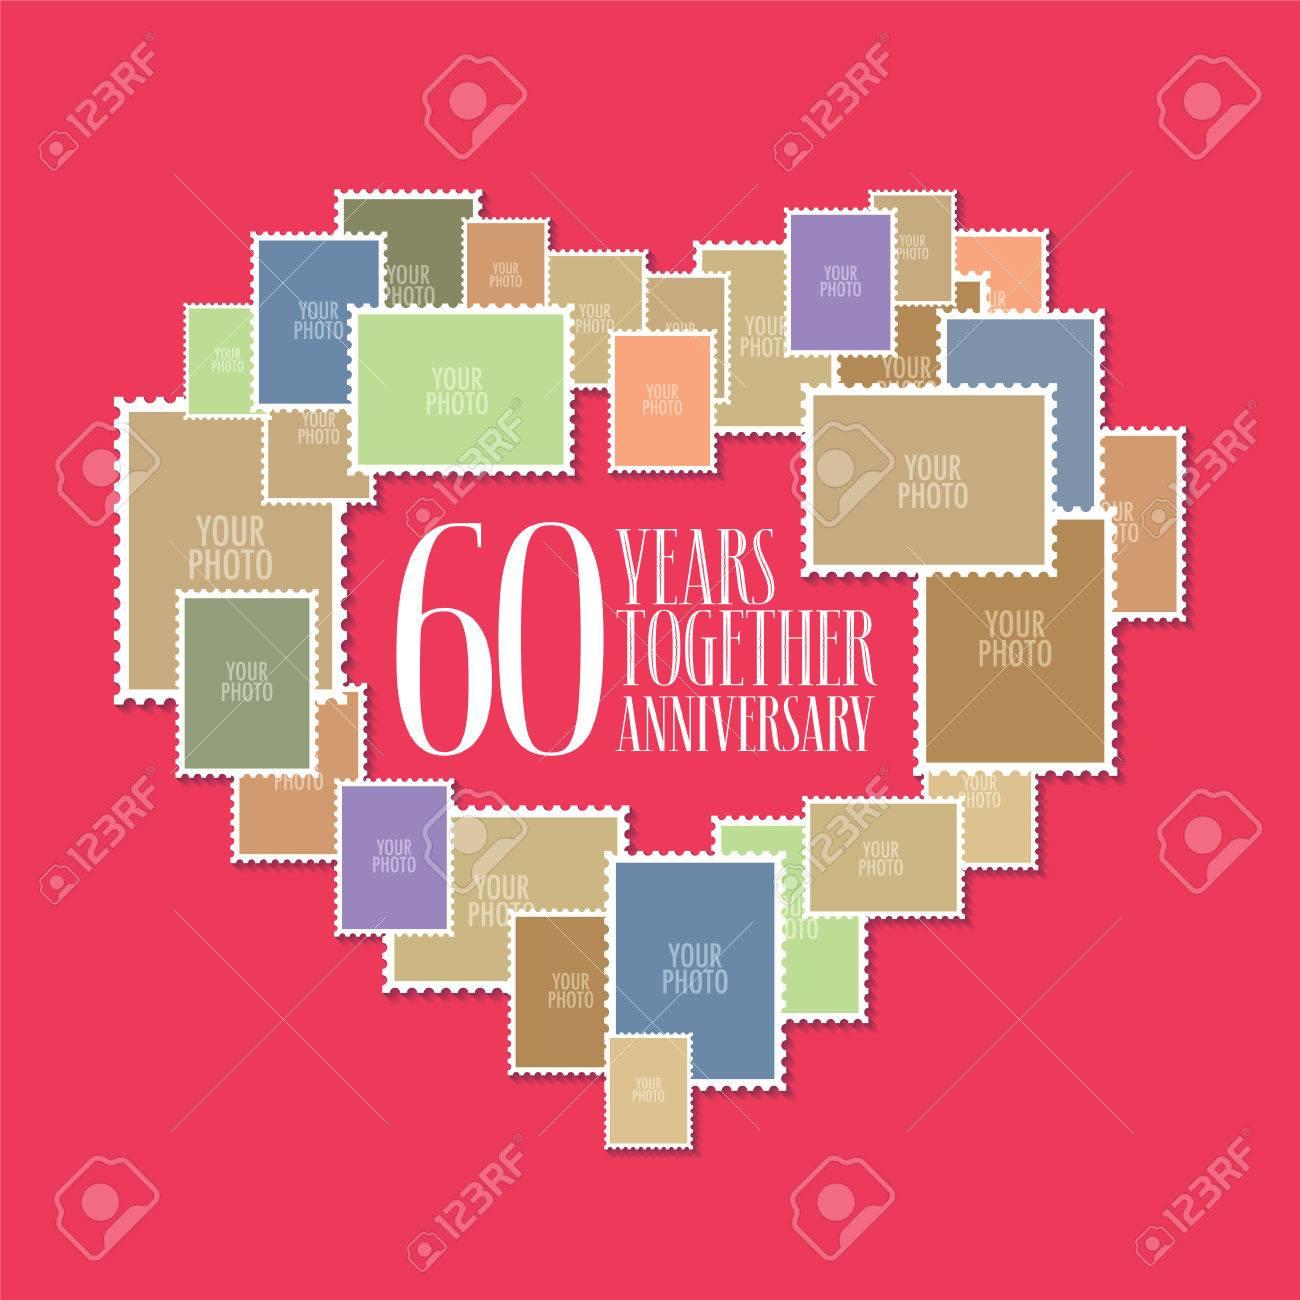 60 Años De Icono Del Vector De La Boda O Del Matrimonio Ilustración Elemento De Diseño De Plantilla Con Marcos De Fotos Y Forma De Corazón Para La Celebración Del 60 Aniversario